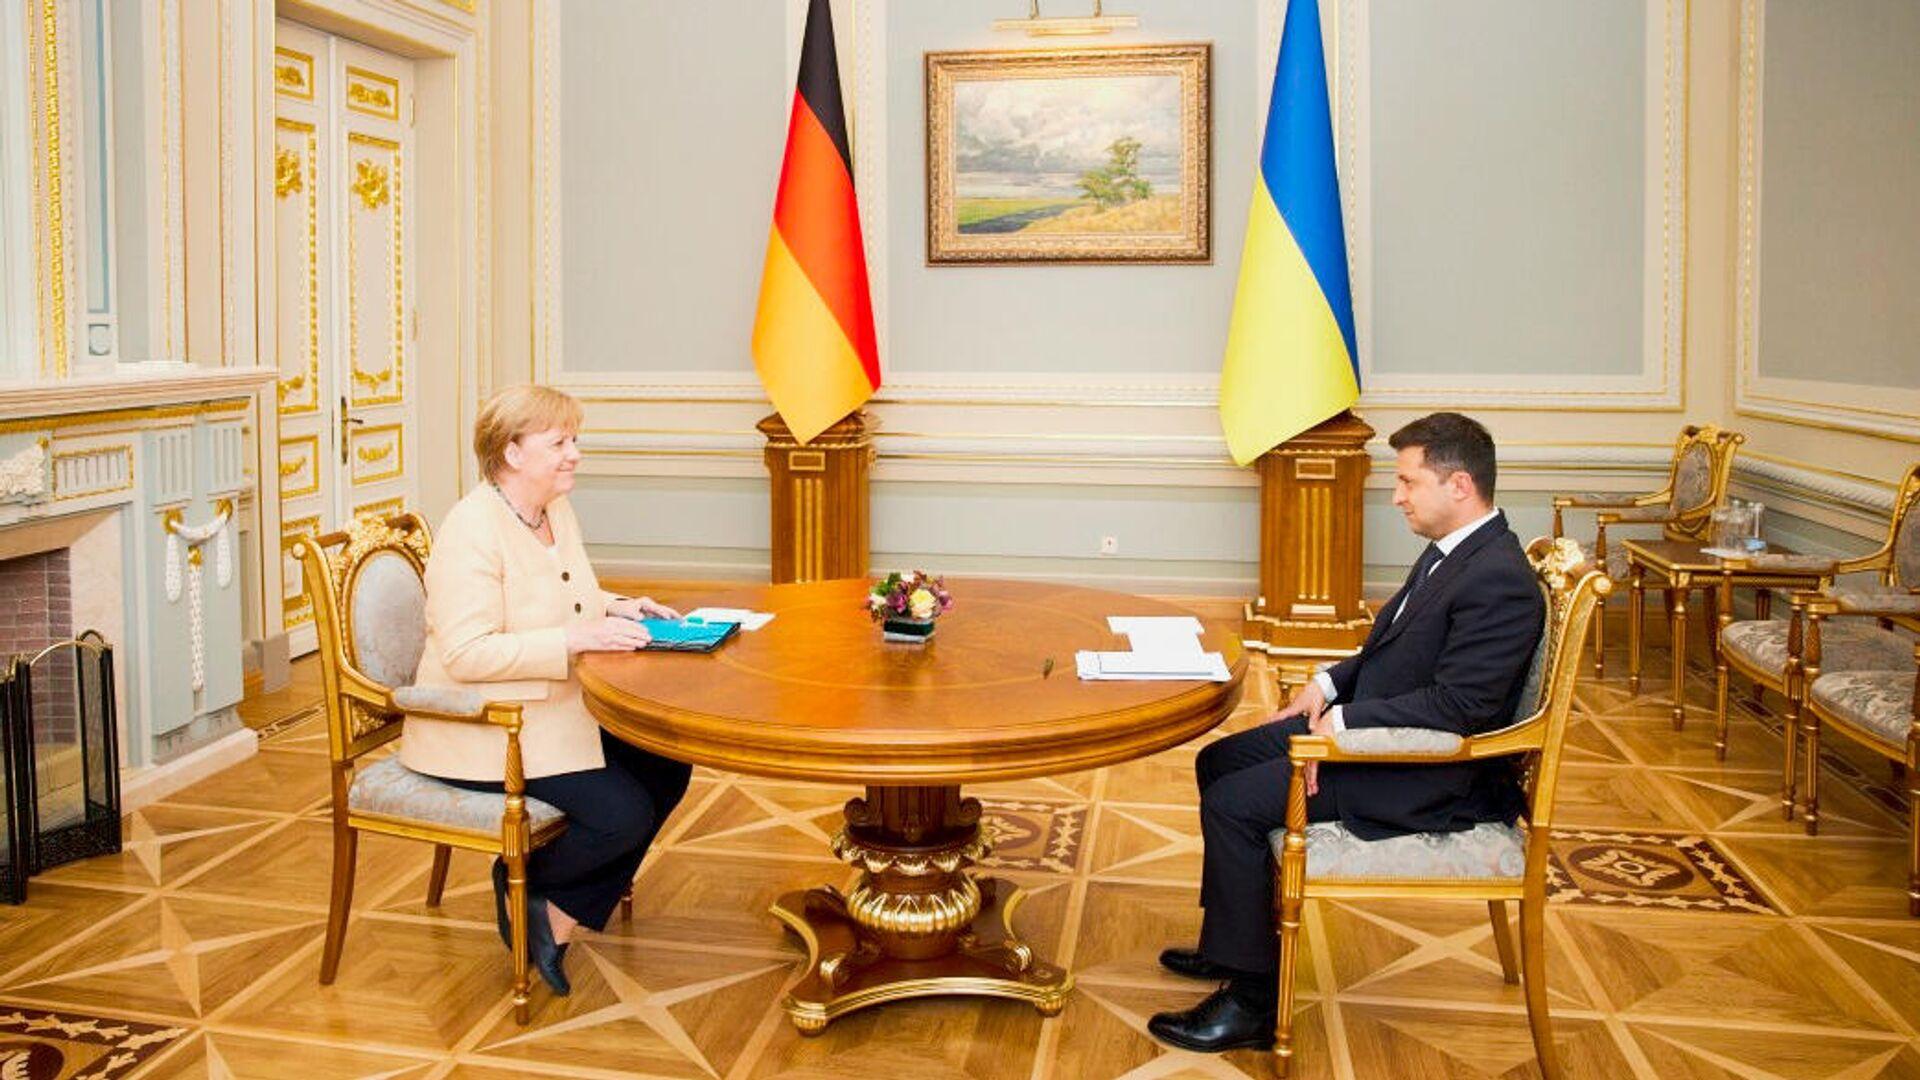 Президент Украины Владимир Зеленский и канцлер Германии Ангела Меркель во время встречи в Киеве - Sputnik Latvija, 1920, 25.08.2021